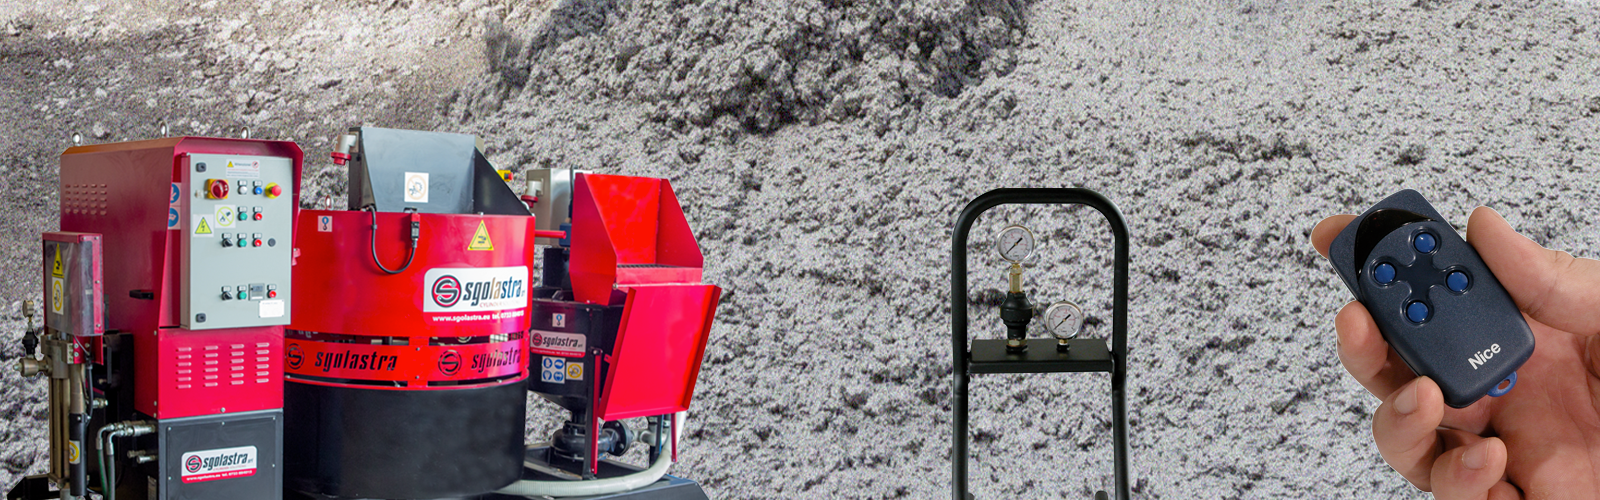 Головки для цементного раствора для чего добавляют в бетон щебень или гравий